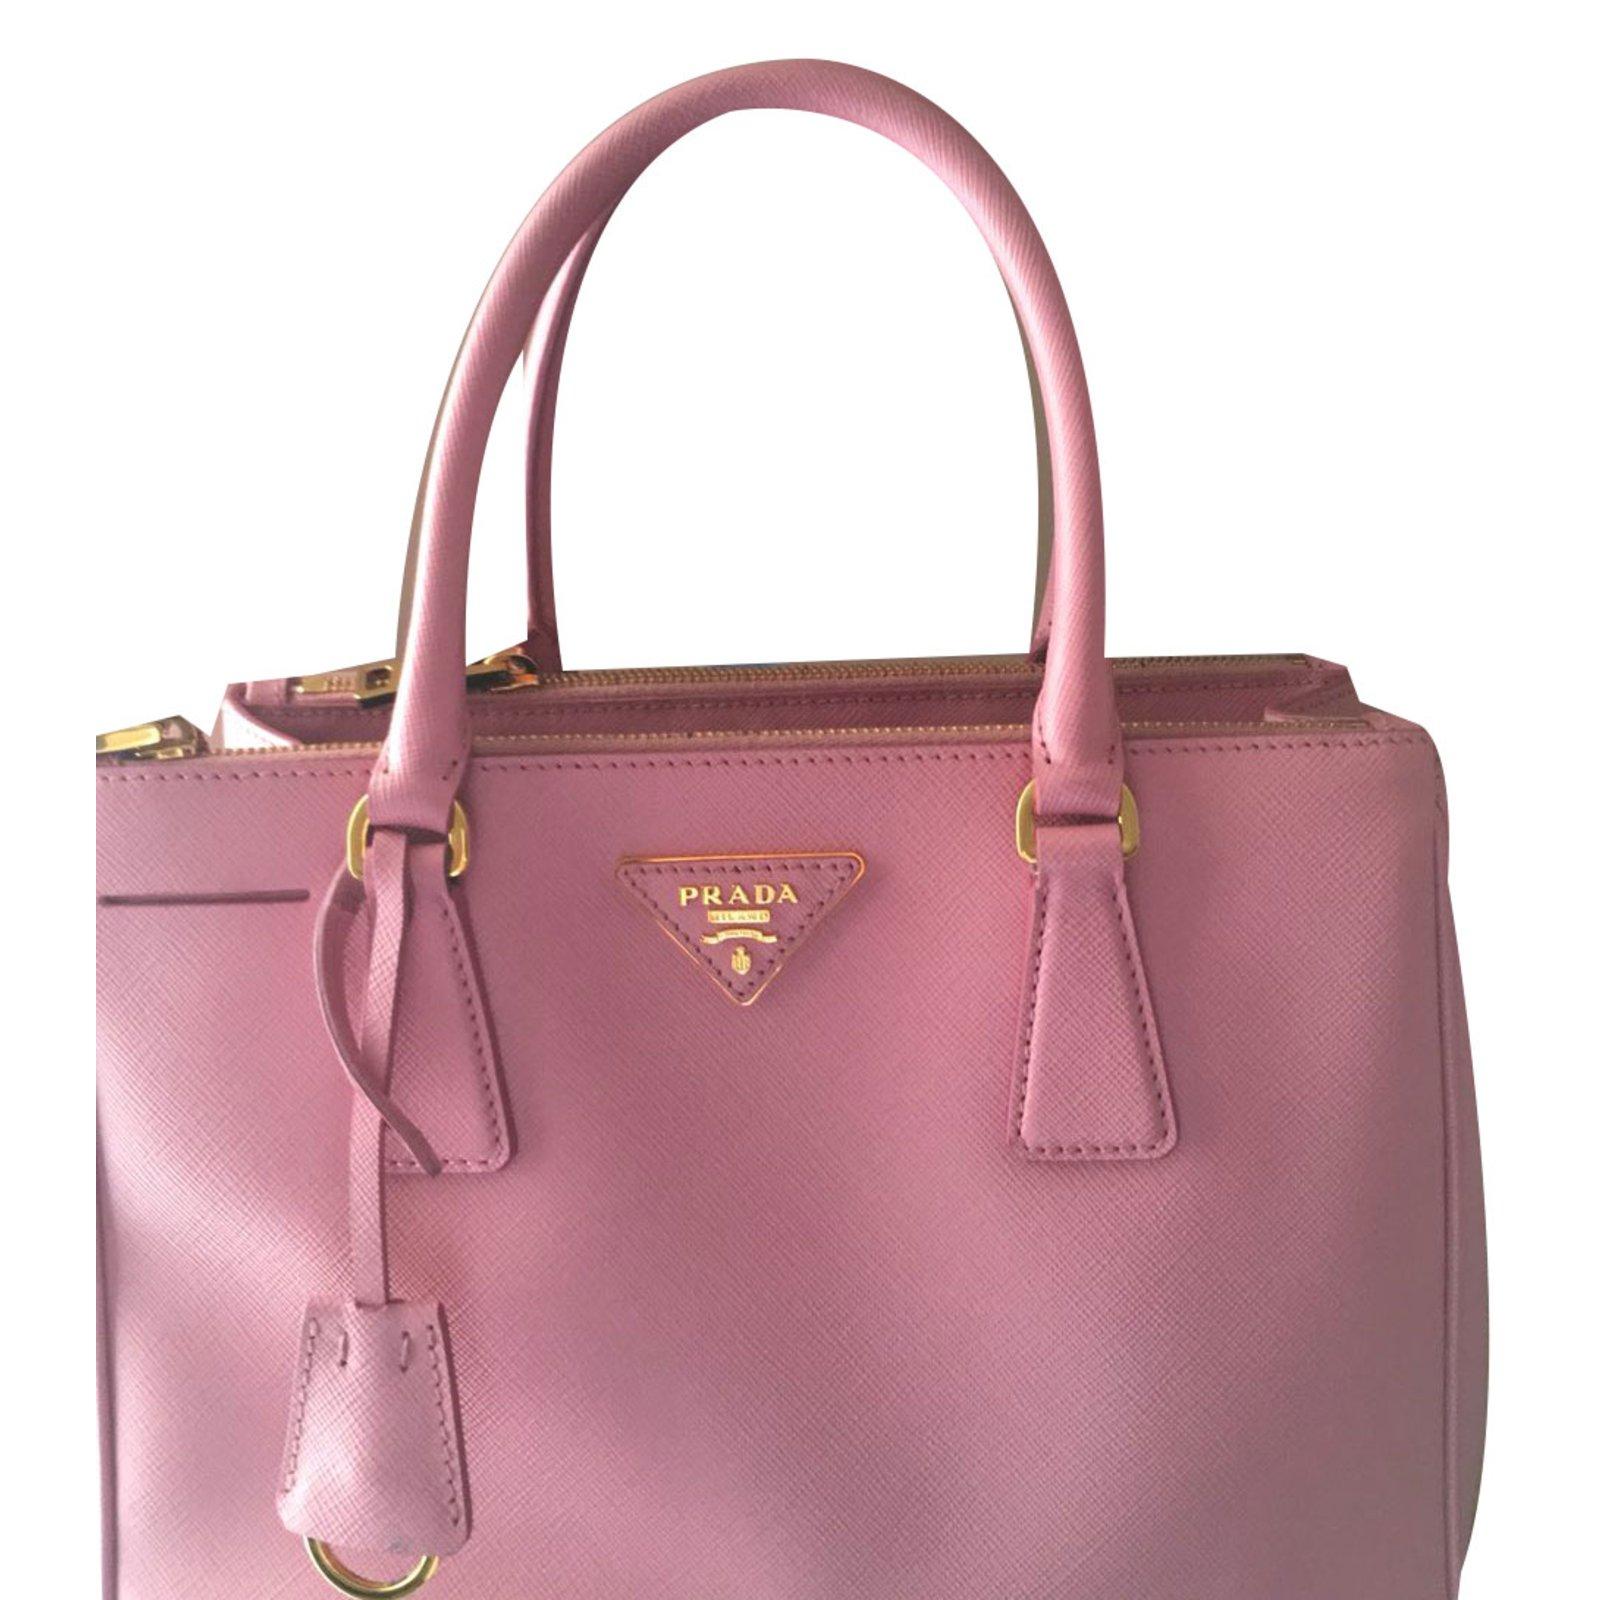 7ee5d3313a2e amazon prada handbags images 7d6f0 87c25